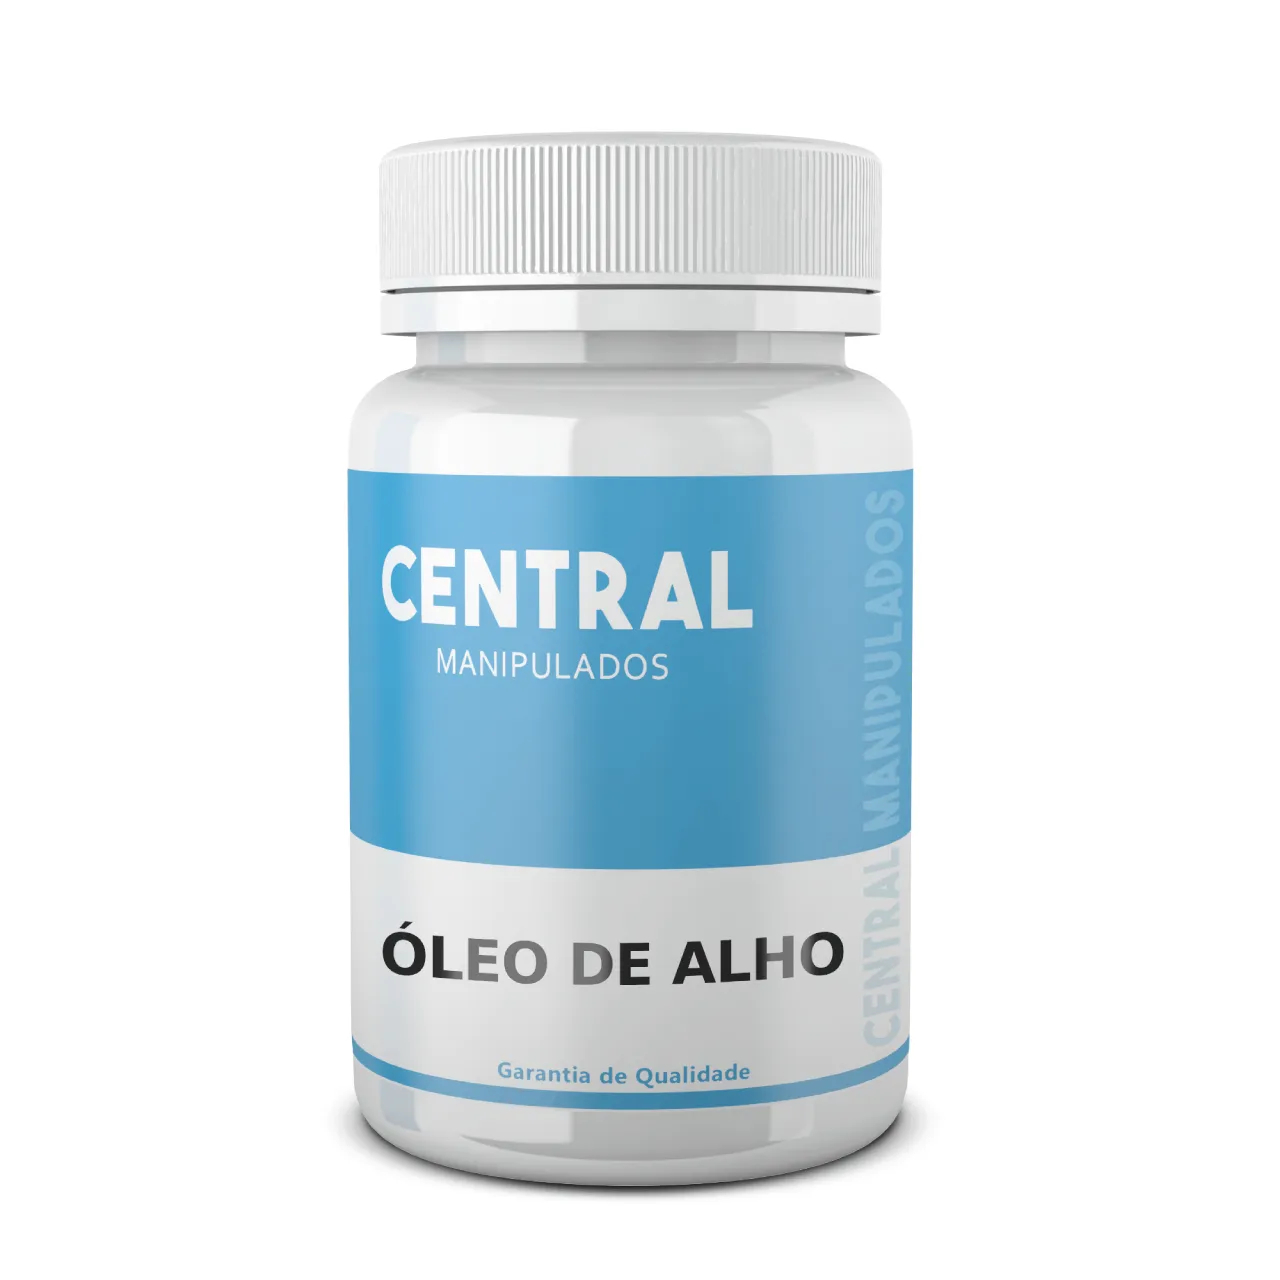 Óleo de Alho 250mg - 180 cápsulas - Propriedades Antibacteriana e Antiviral, Combate a Gripe